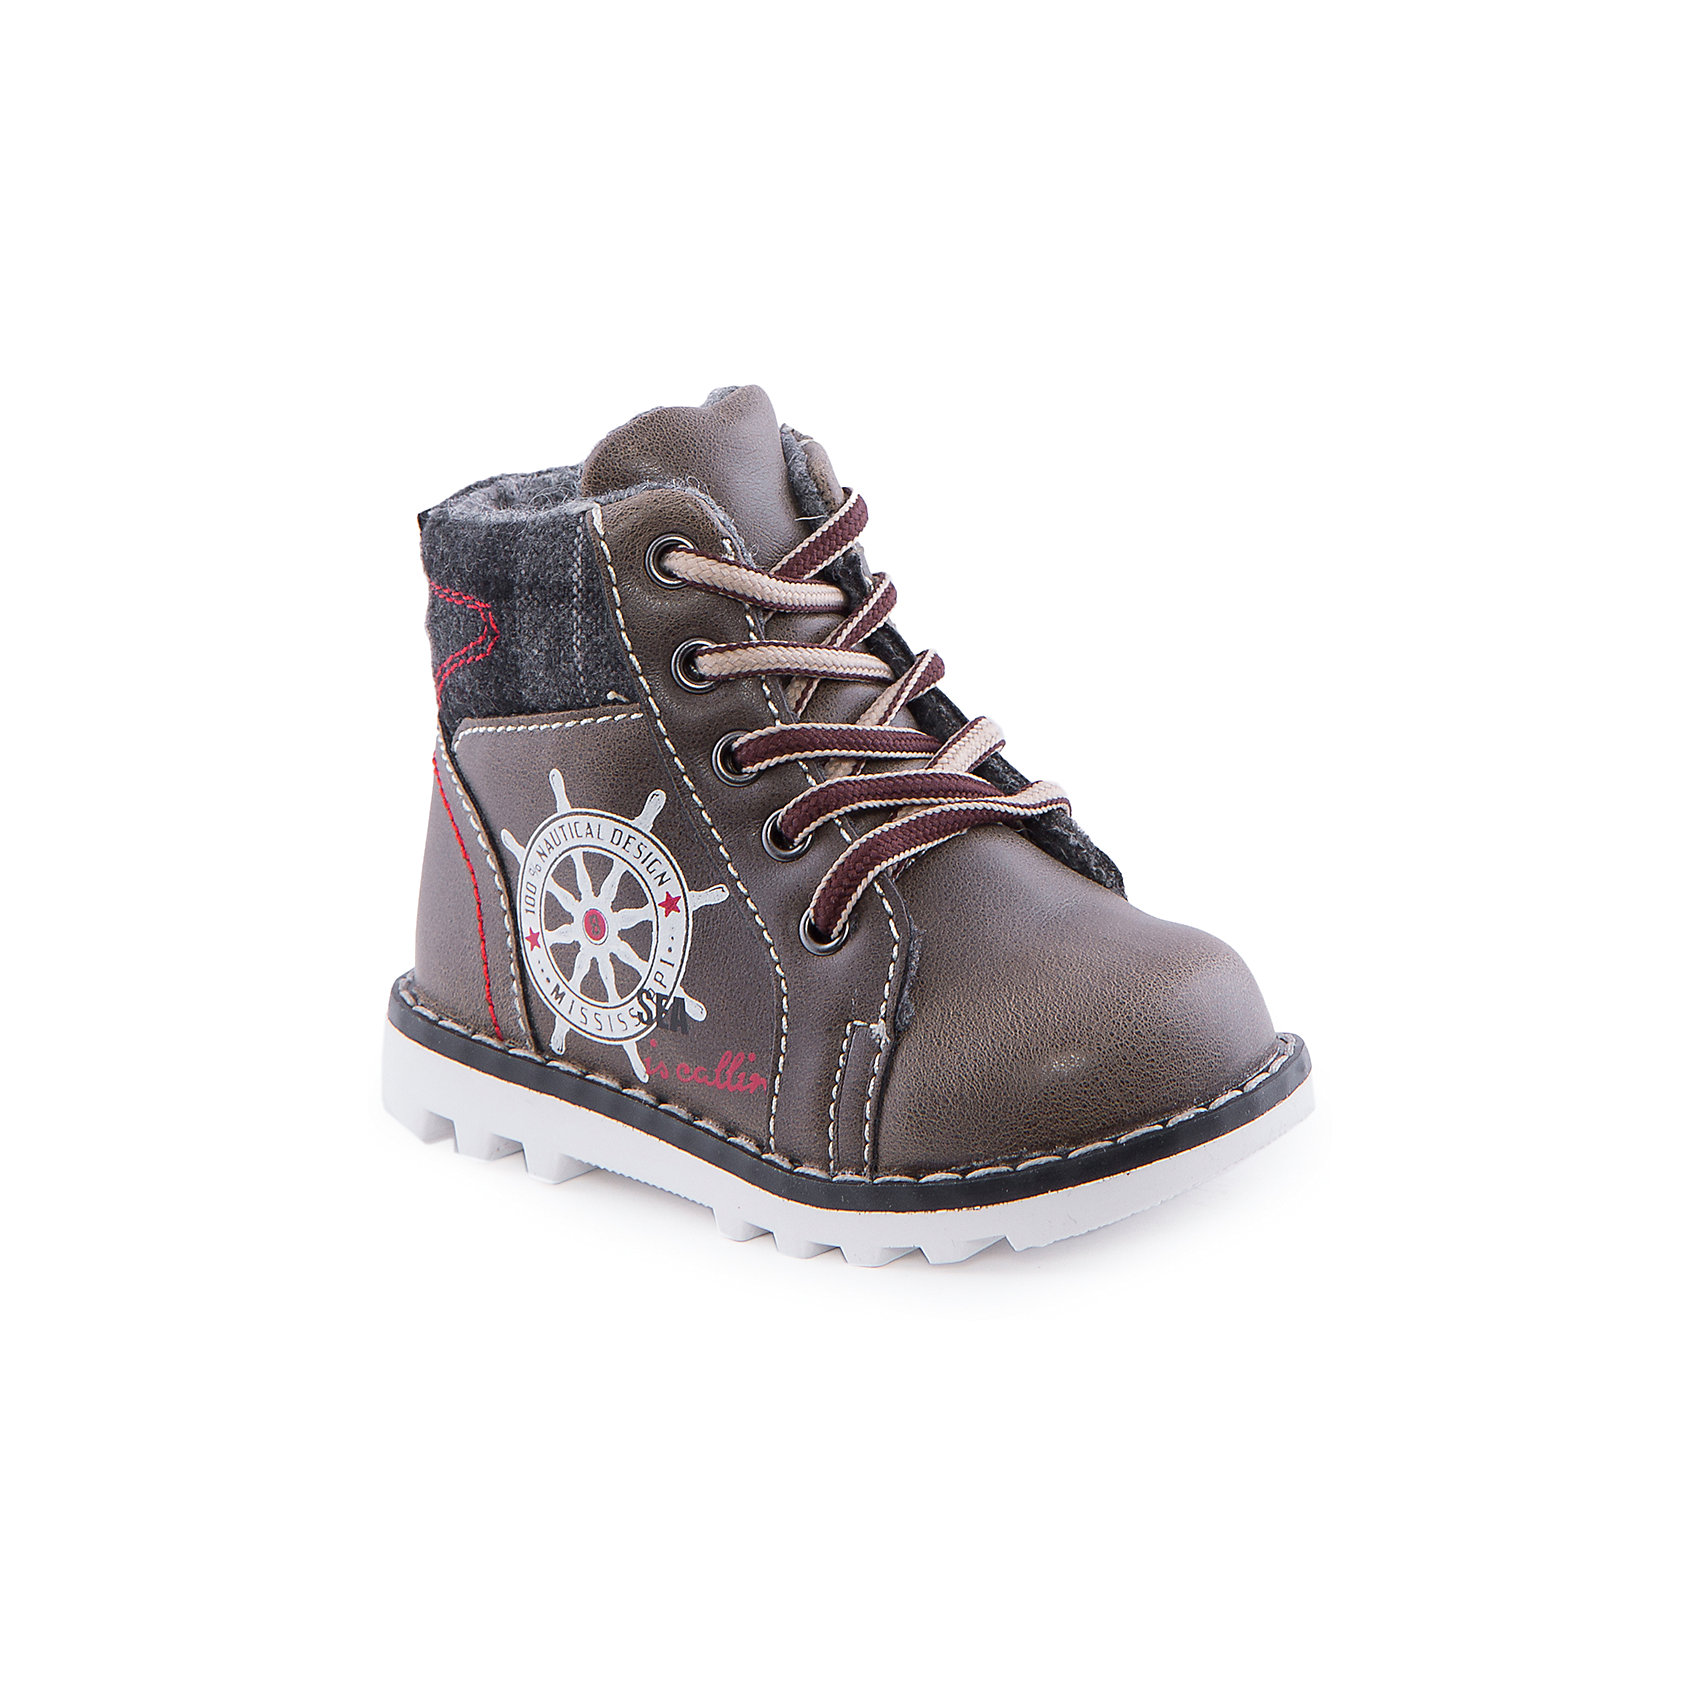 Ботинки для мальчика Indigo kidsБотинки для мальчика от известного бренда Indigo kids<br><br>Модные ботинки обеспечат детским ножкам удобство и тепло. Ботинки легко надеваются благодаря шнуровке и молнии и комфортно садятся по ноге. <br><br>Особенности модели:<br><br>- цвет - коричневый;<br>- стильный дизайн;<br>- удобная колодка;<br>- байковая подкладка;<br>- украшены принтом якорь;<br>- устойчивая подошва;<br>- высокие;<br>- контрастная прострочка;<br>- застежки: шнуровка, молния.<br><br>Дополнительная информация:<br><br>Температурный режим:<br>от +5° С до +15° С<br><br>Состав:<br><br>верх – искусственная кожа;<br>подкладка - байка;<br>подошва - ТЭП.<br><br>Ботинки для мальчика Indigo kids (Индиго Кидс) можно купить в нашем магазине.<br><br>Ширина мм: 262<br>Глубина мм: 176<br>Высота мм: 97<br>Вес г: 427<br>Цвет: хаки<br>Возраст от месяцев: 15<br>Возраст до месяцев: 18<br>Пол: Мужской<br>Возраст: Детский<br>Размер: 22,21,25,20,24,23<br>SKU: 4520188